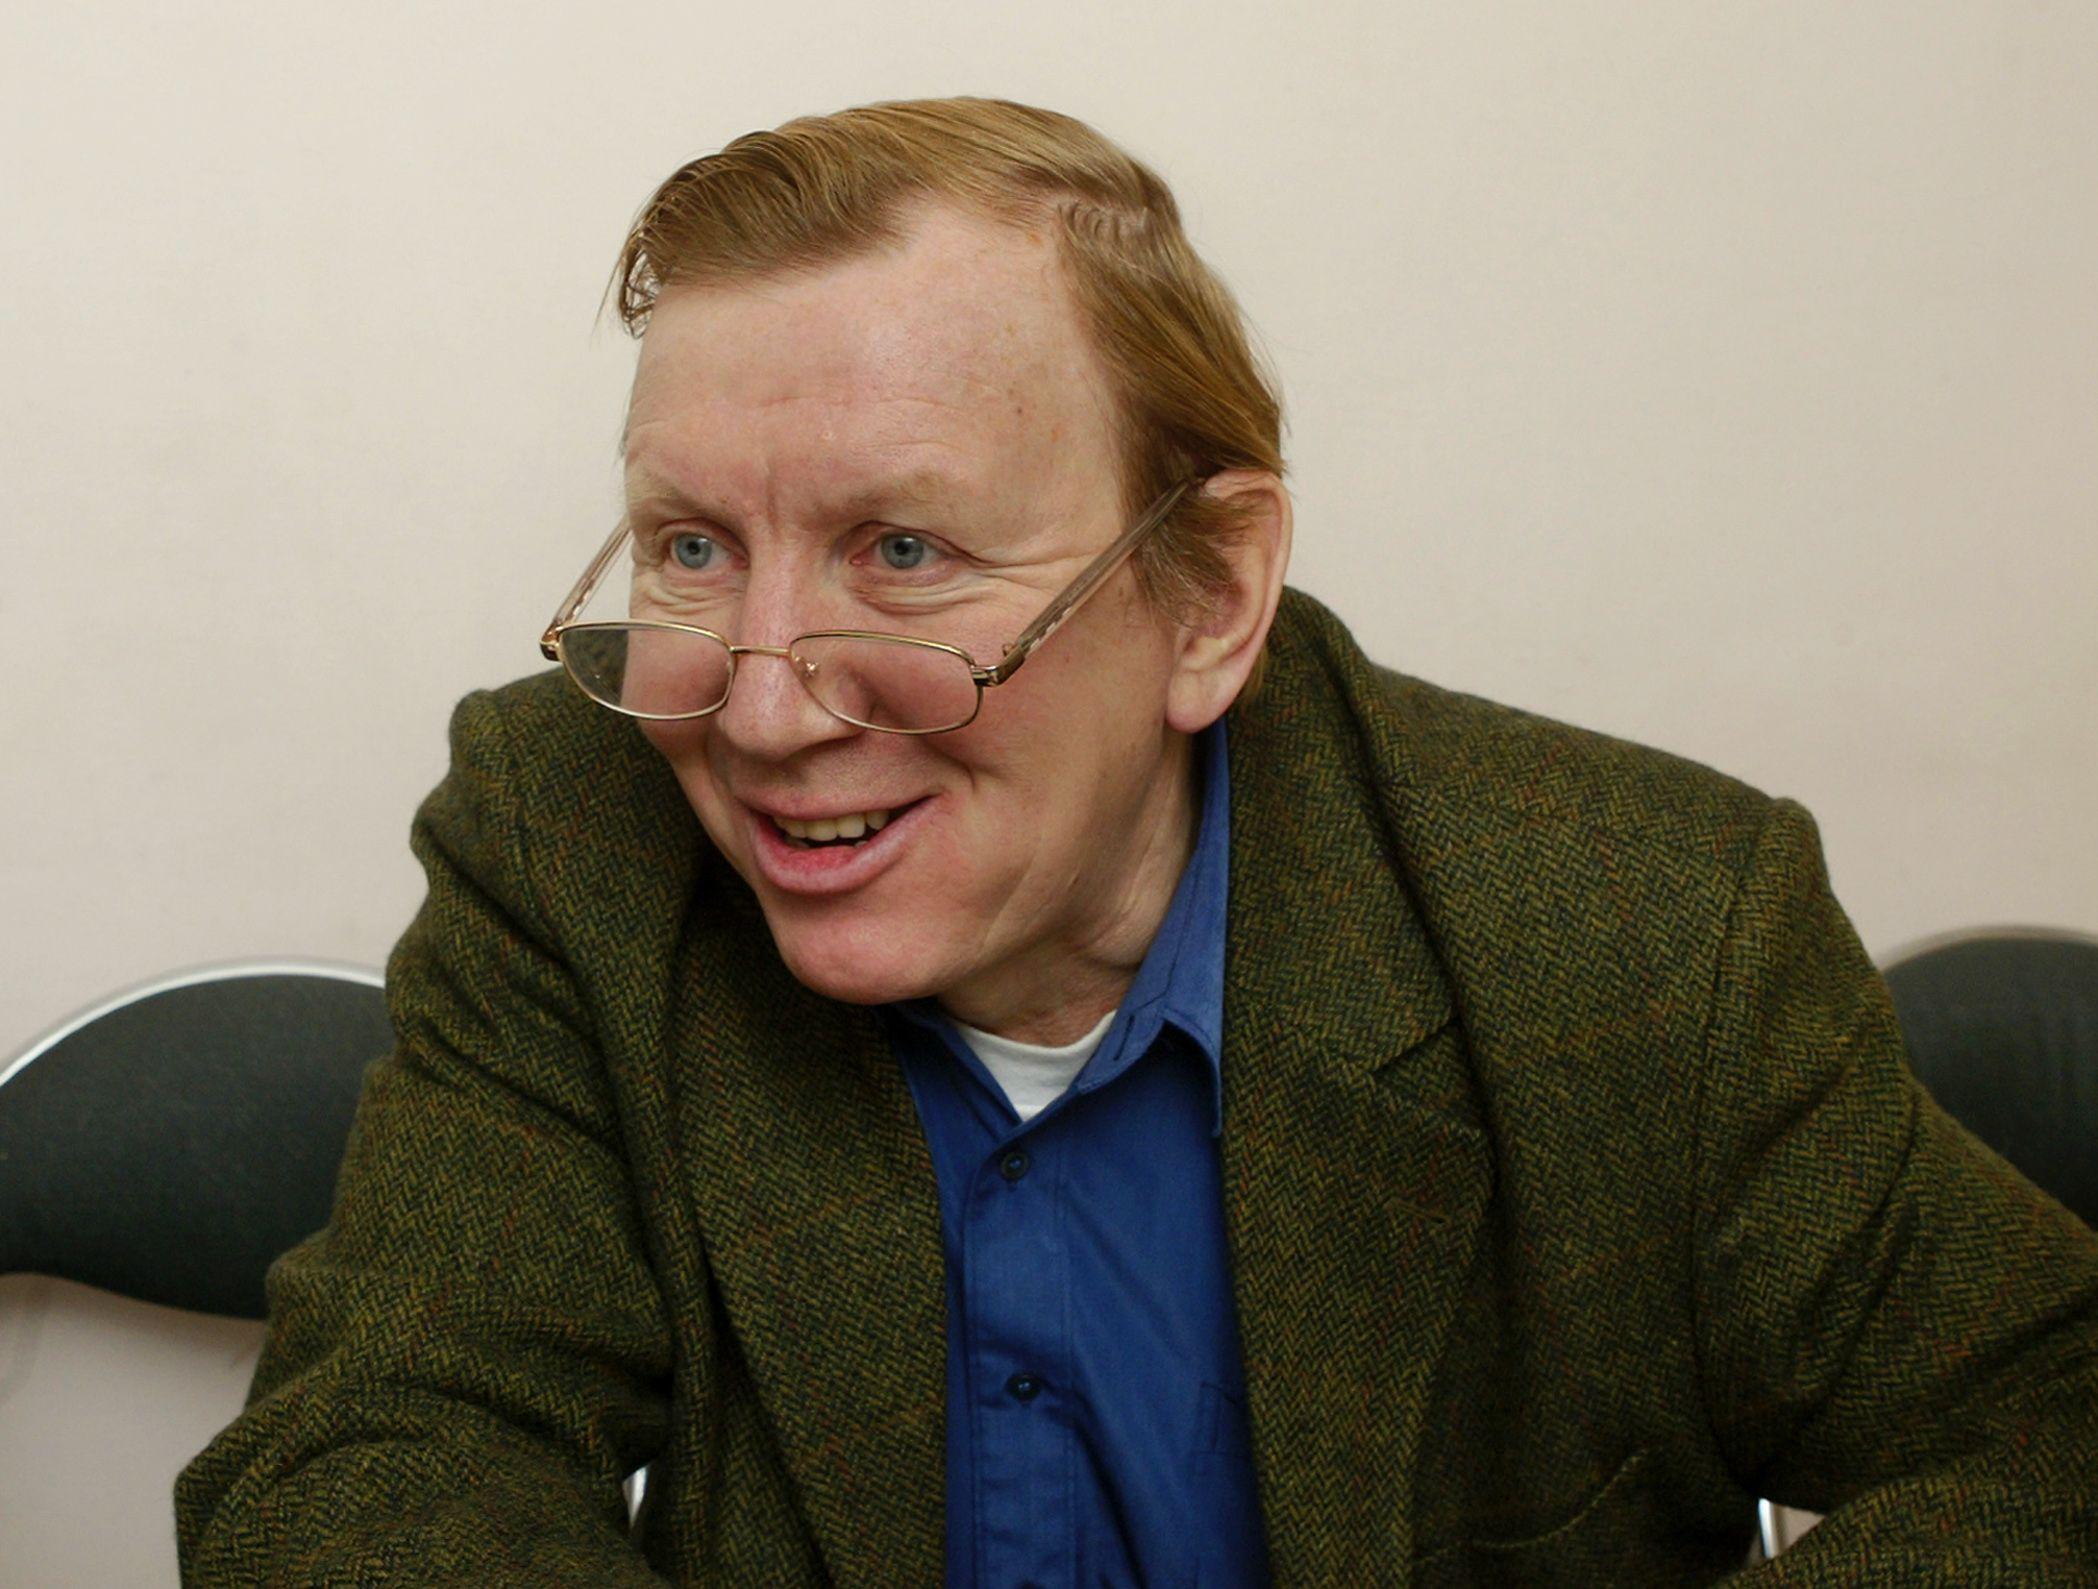 Юрий Чернов: Мои волосы были красными, а брюки мигали огнями